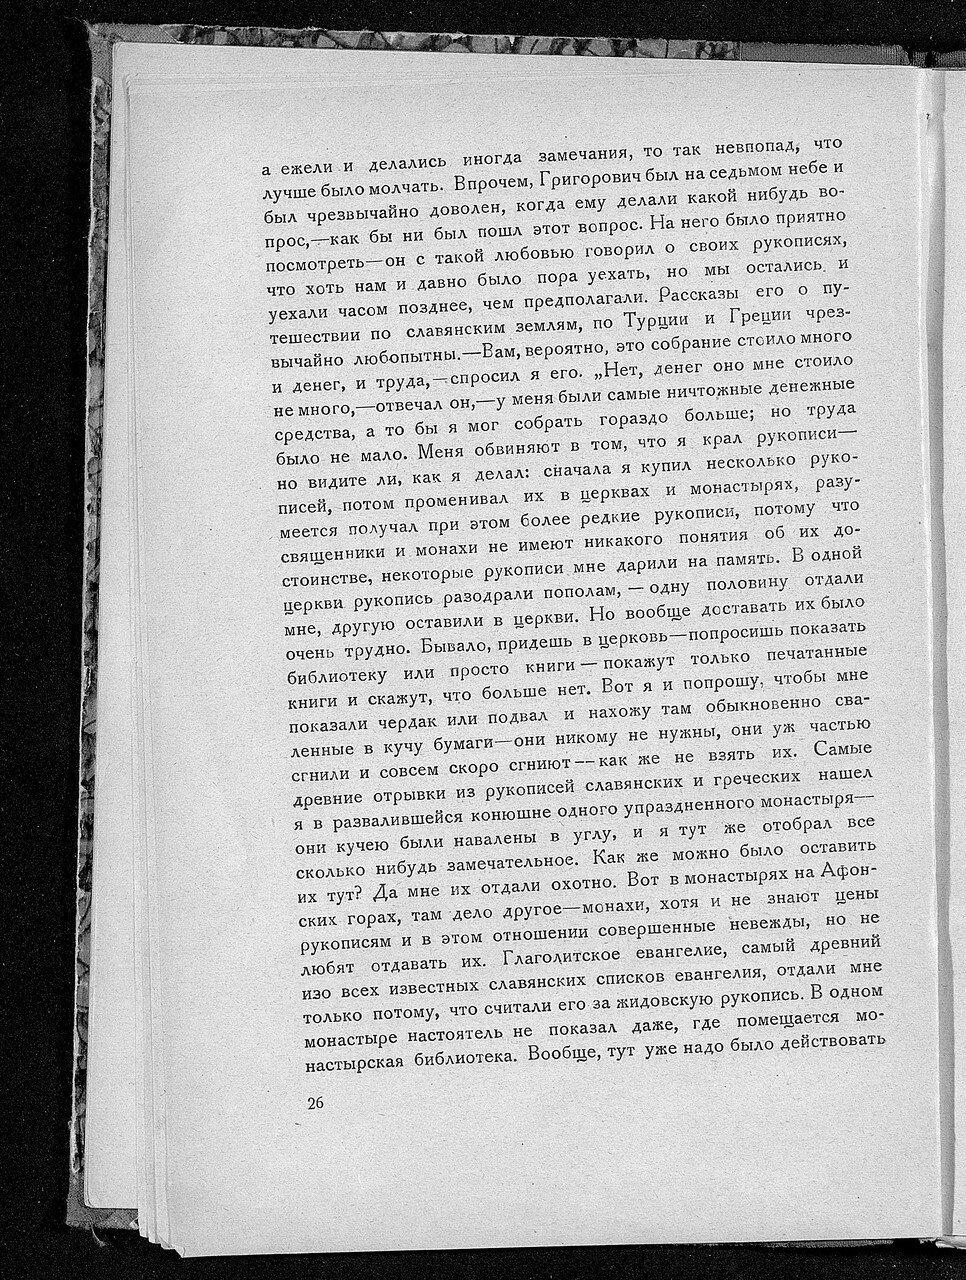 https://img-fotki.yandex.ru/get/931298/199368979.a0/0_214315_dbbaf9f9_XXXL.jpg